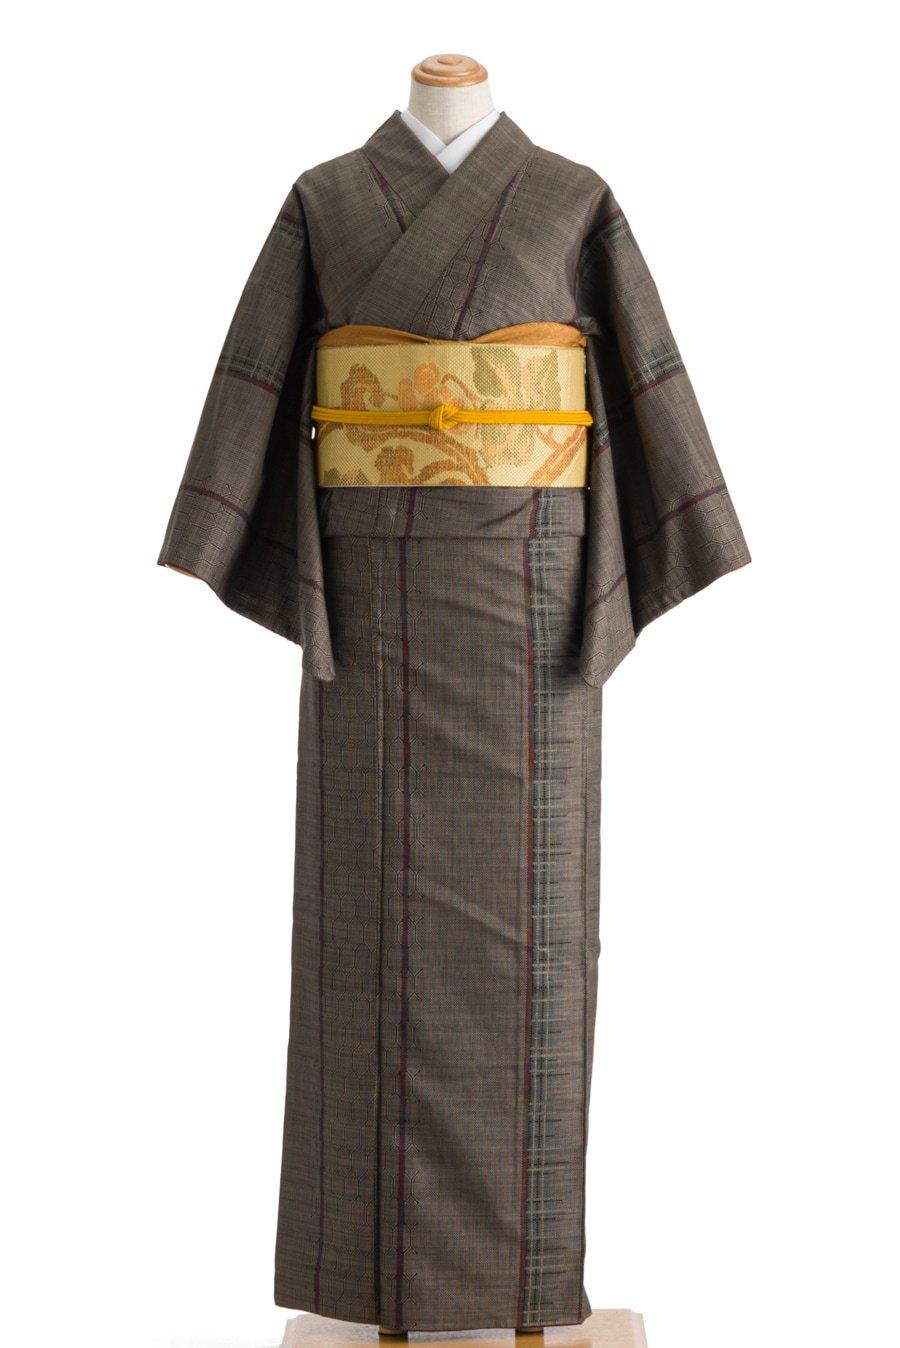 「大島紬 細い縞と亀甲」の商品画像